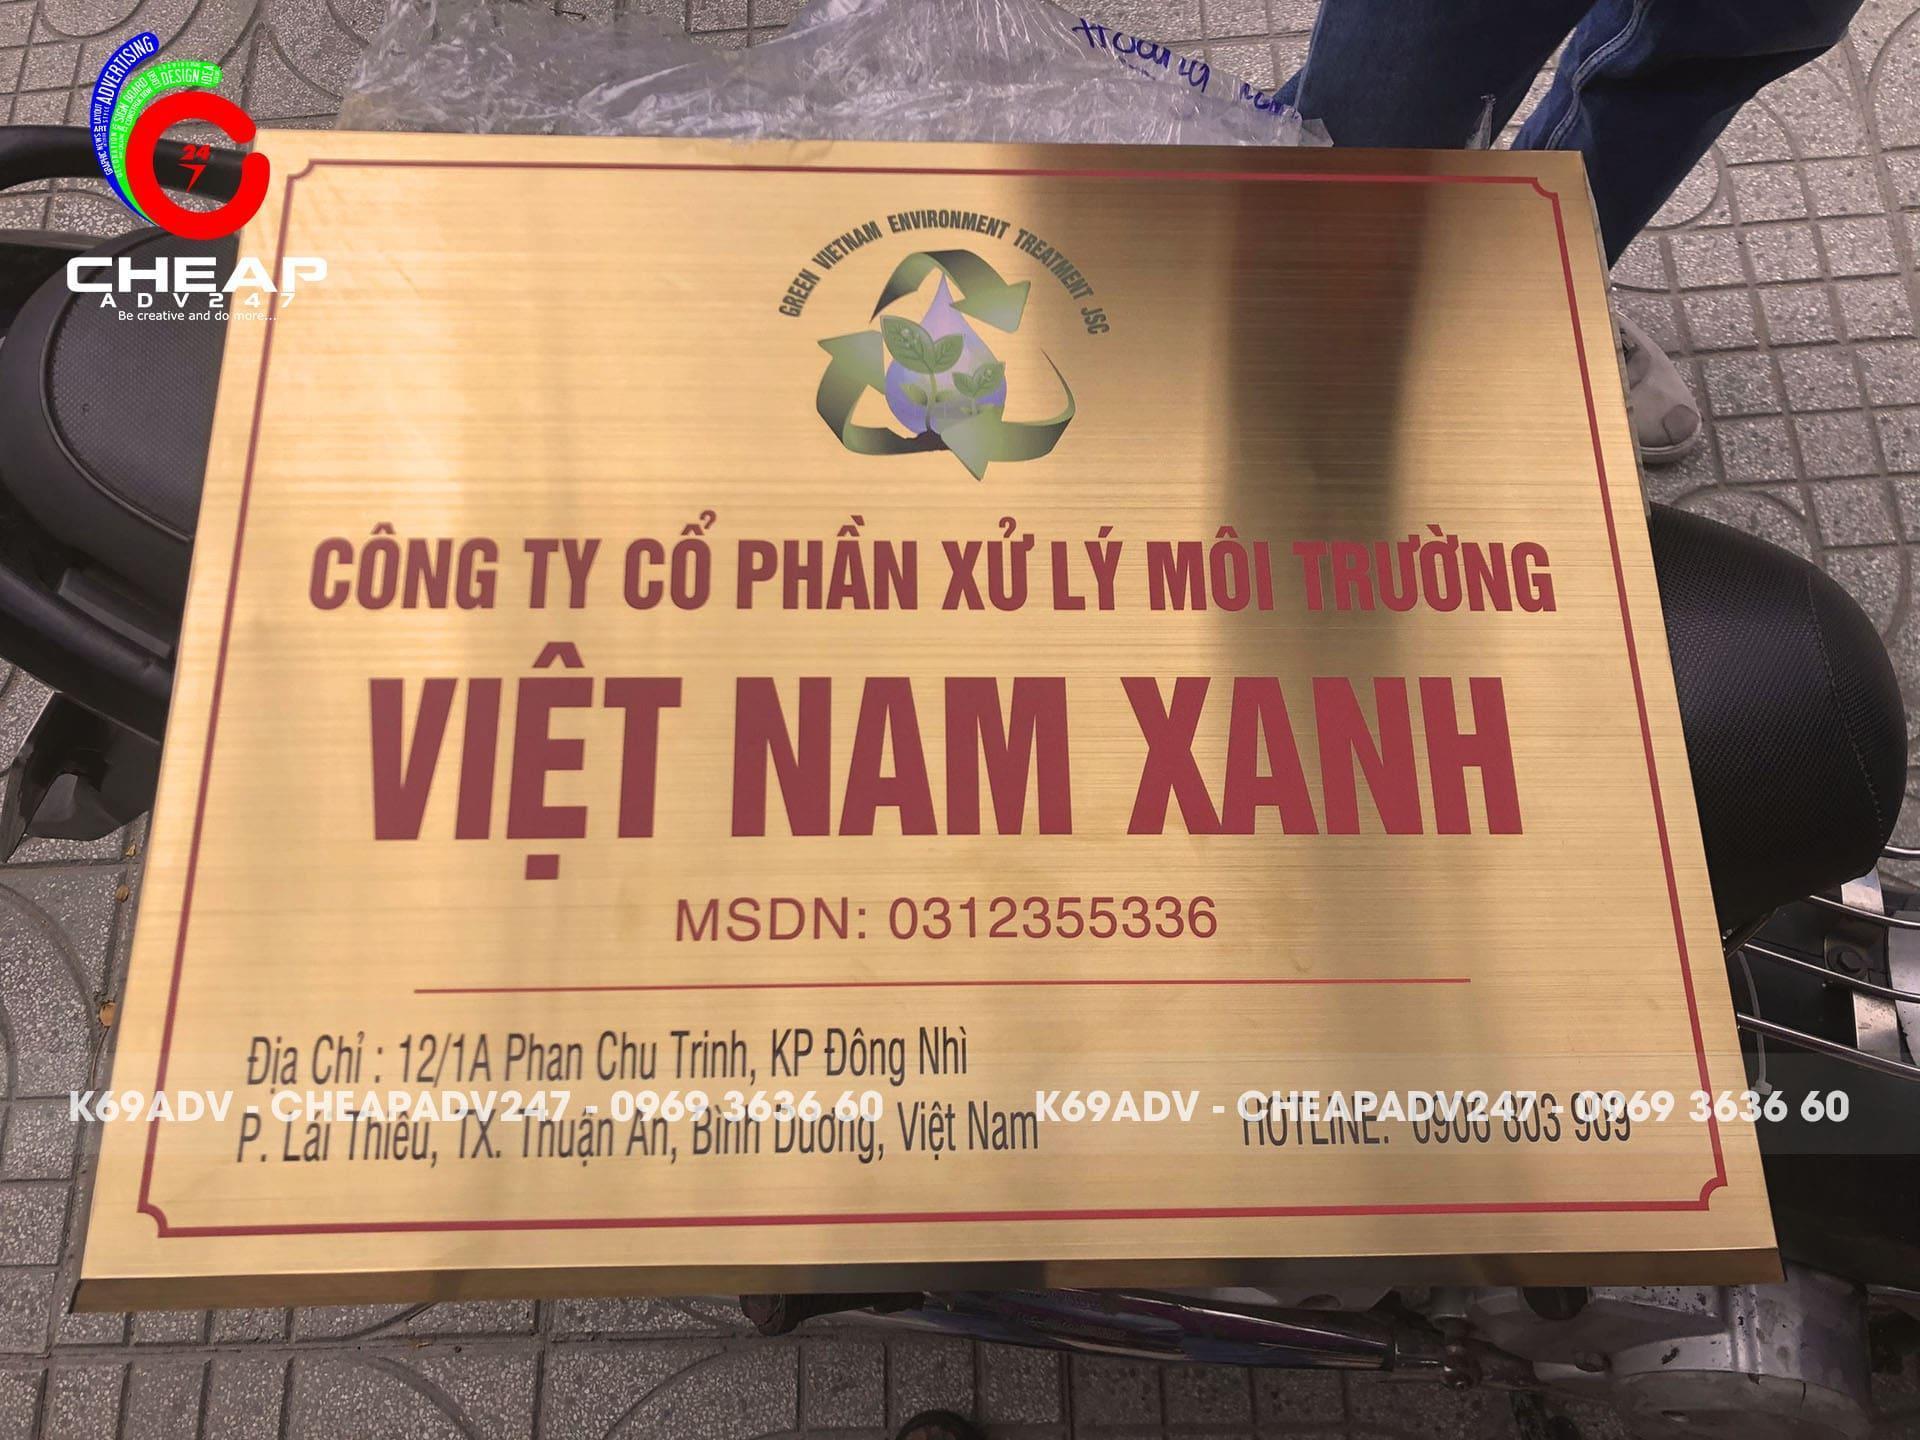 Ảnh làm bảng hiệu công ty inox in UV Việt Nam Xanh